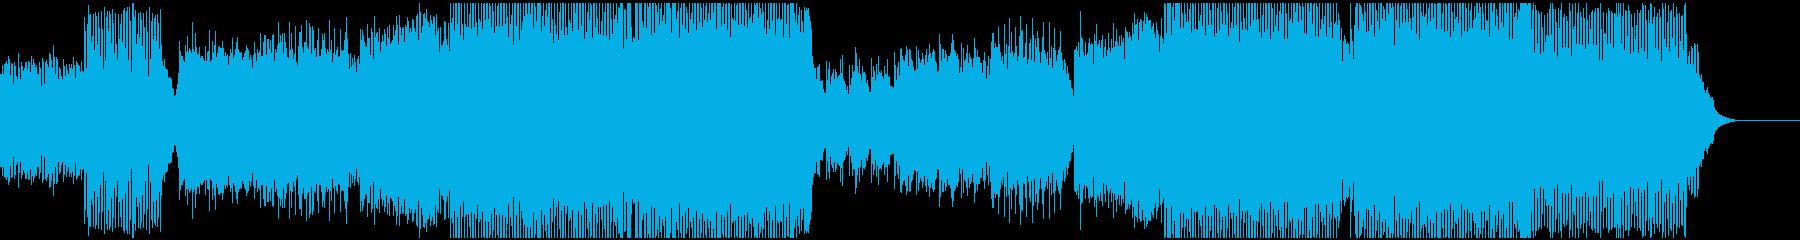 煌びやかなHouseの再生済みの波形